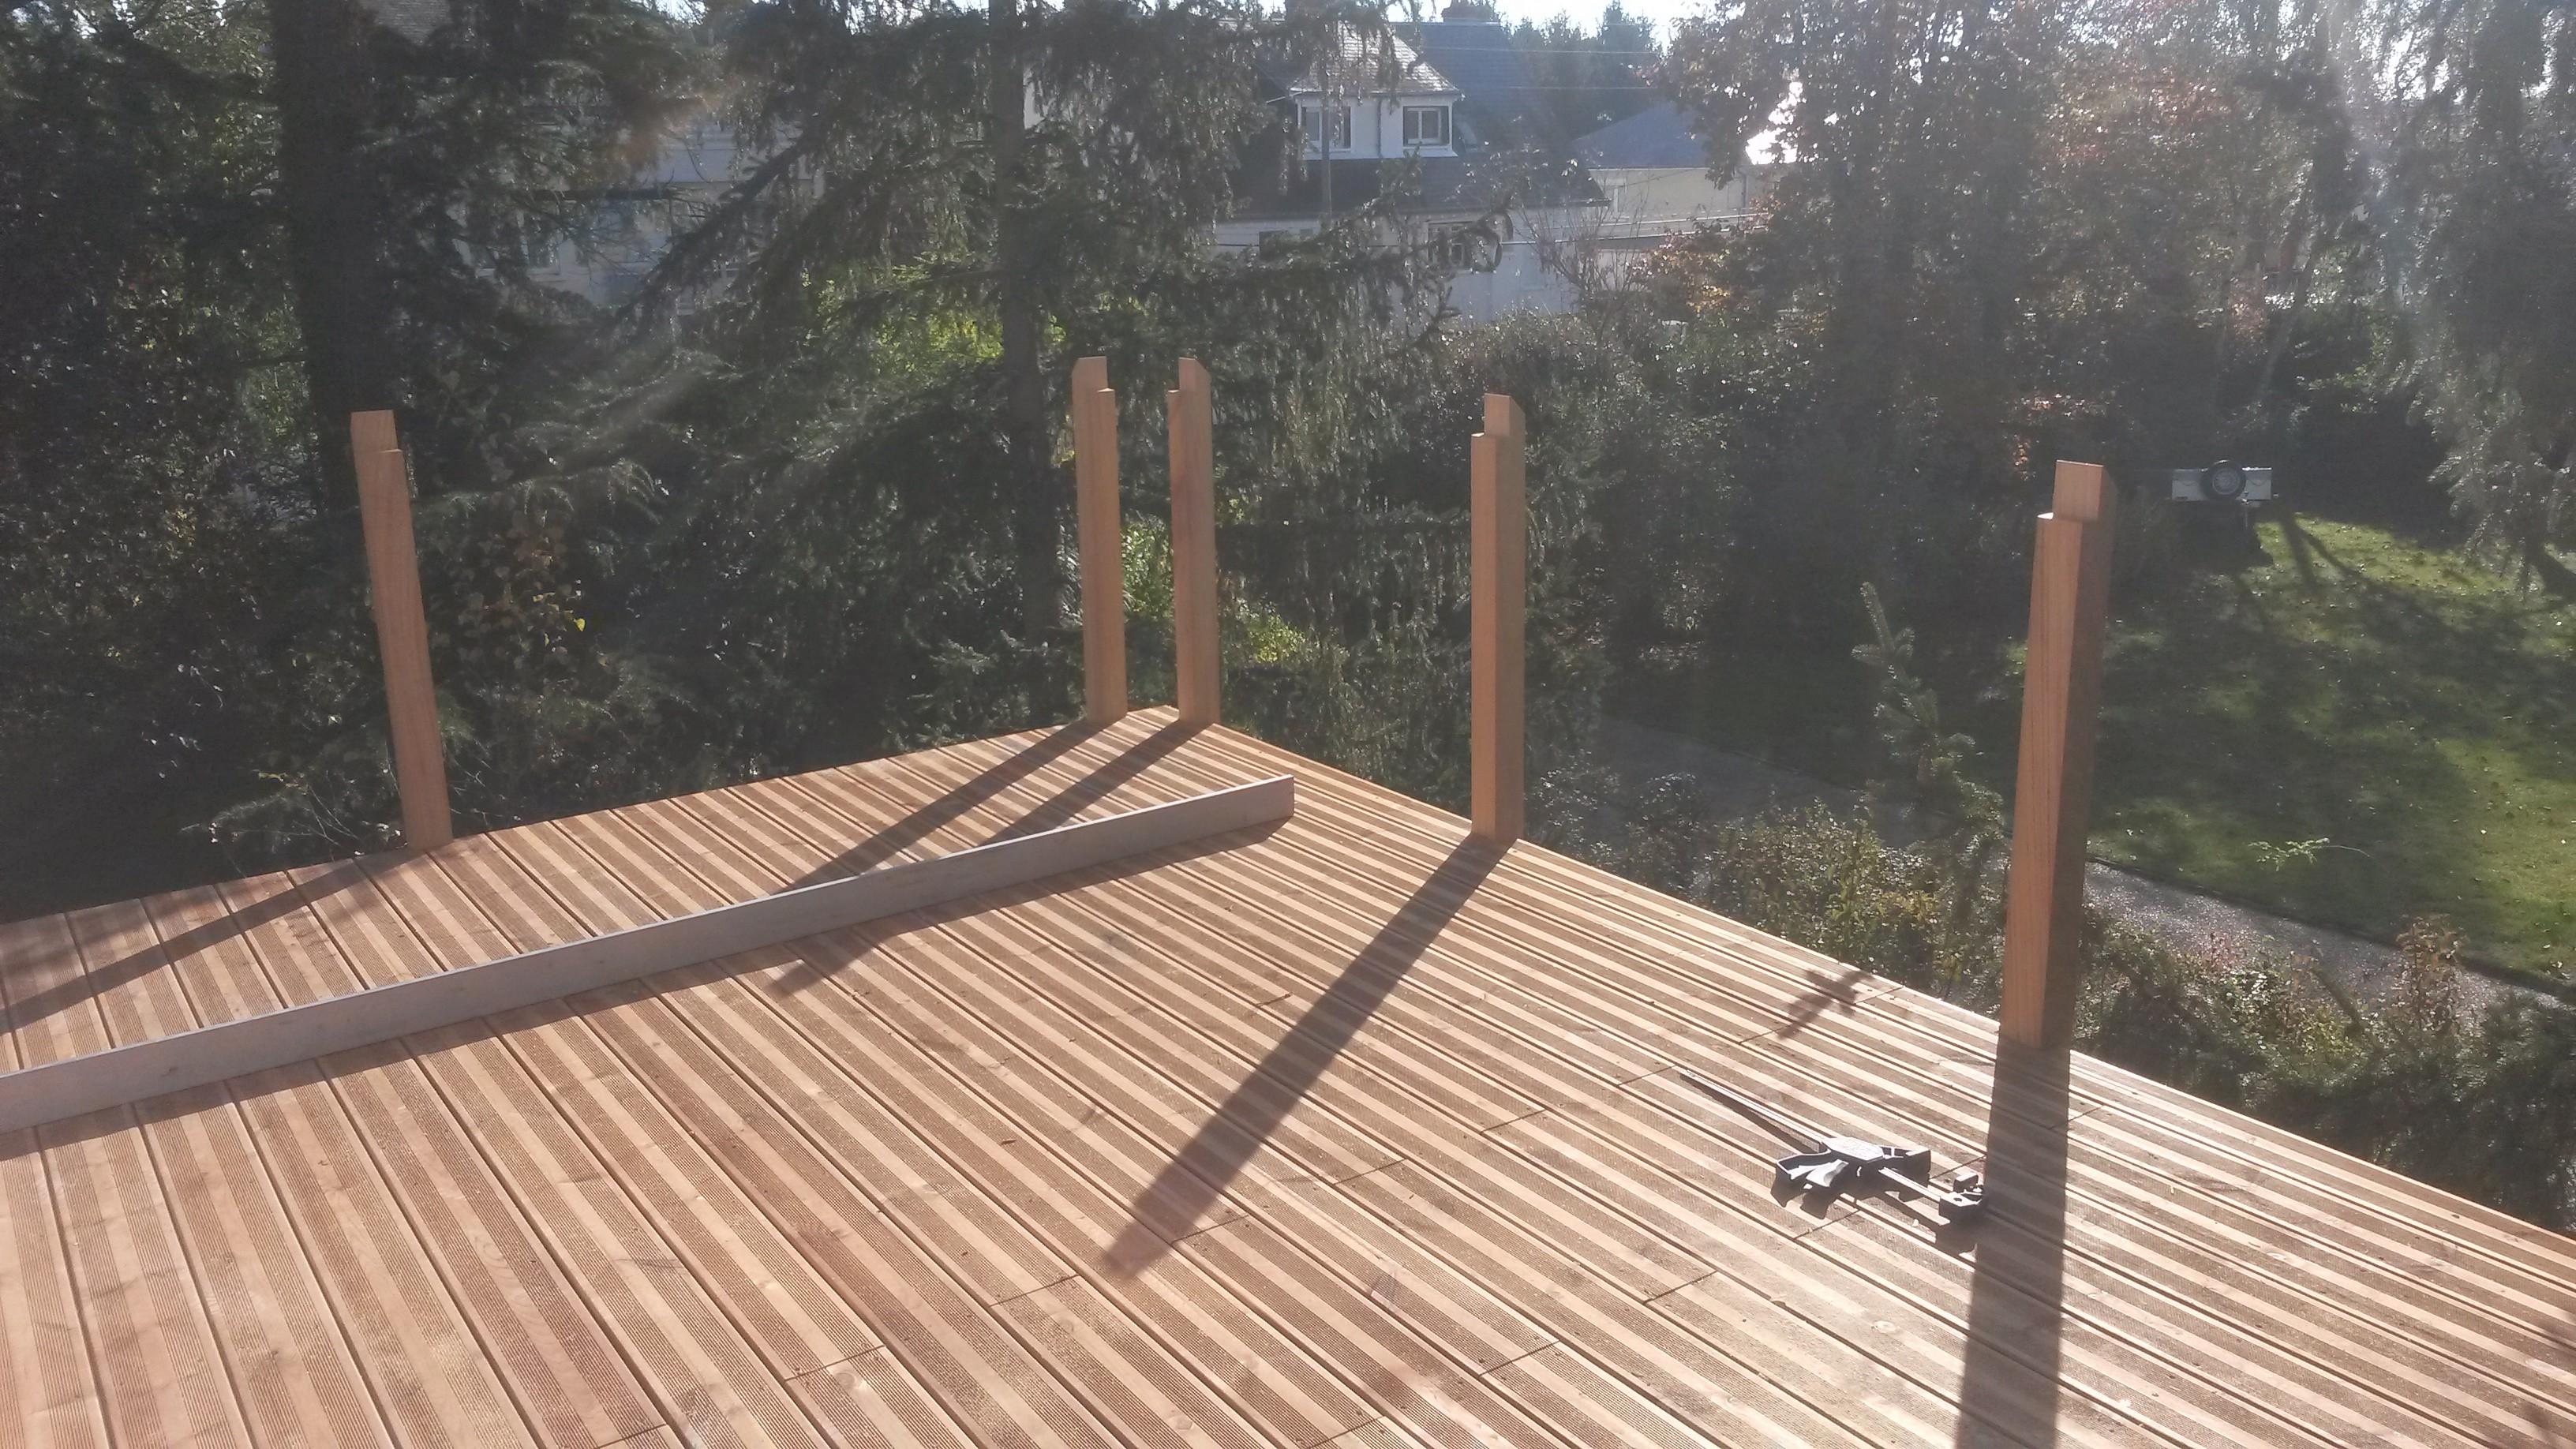 terrasse en bois sur lev e pr s d 39 orl ans loire eco bois. Black Bedroom Furniture Sets. Home Design Ideas